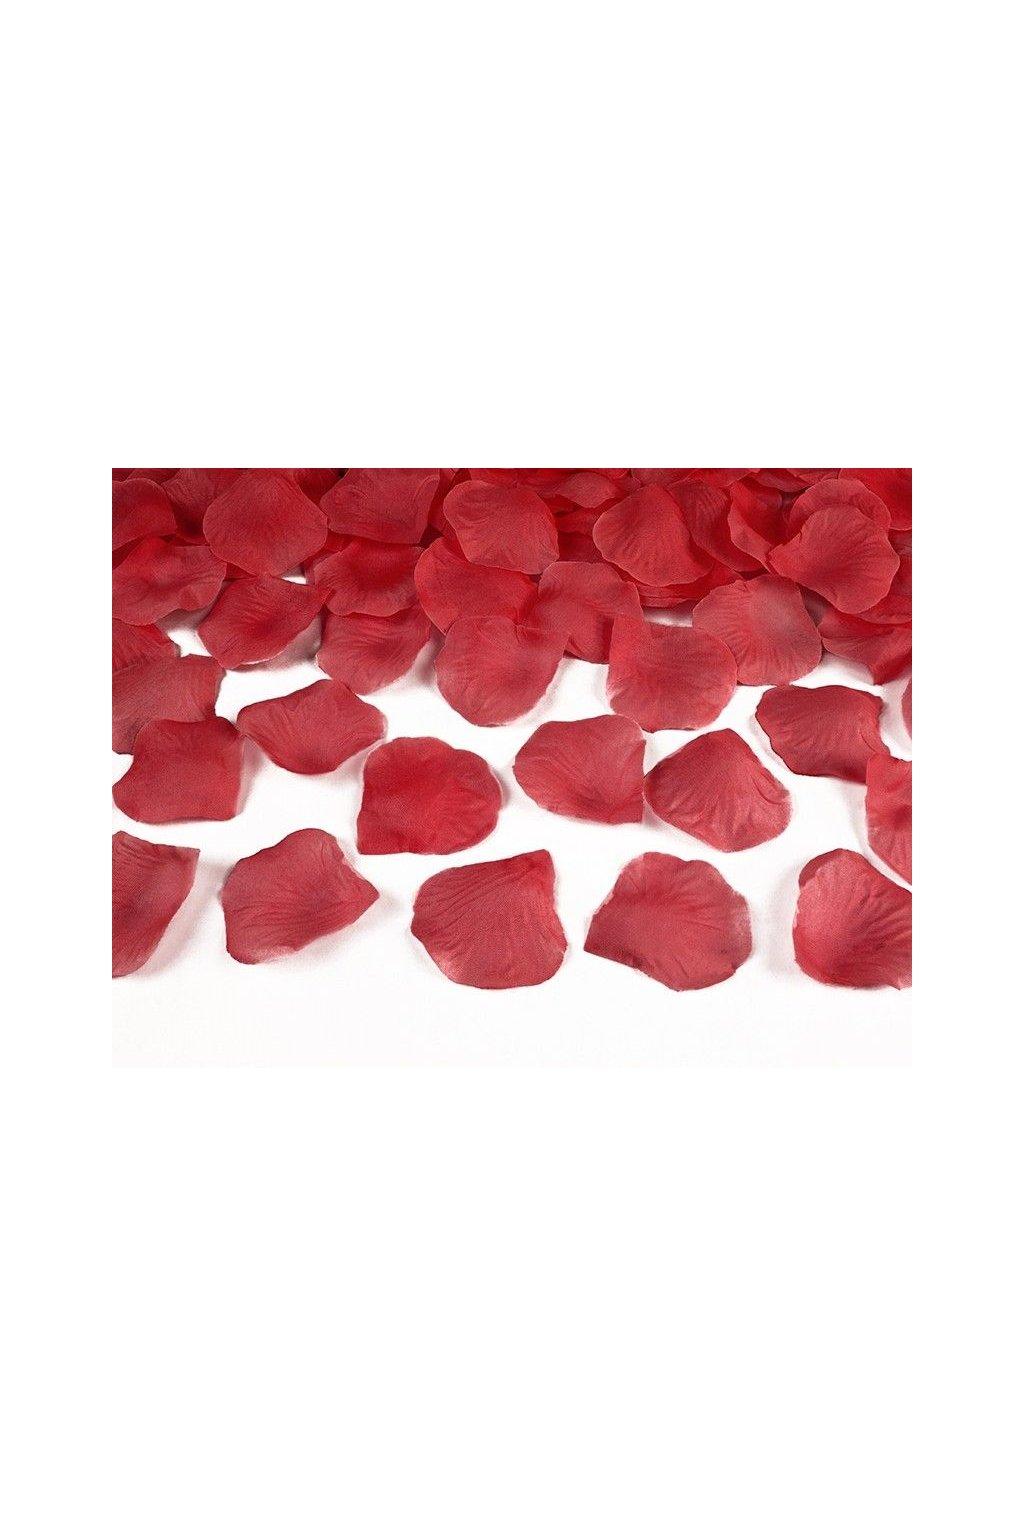 Lístky růže - červené 100ks